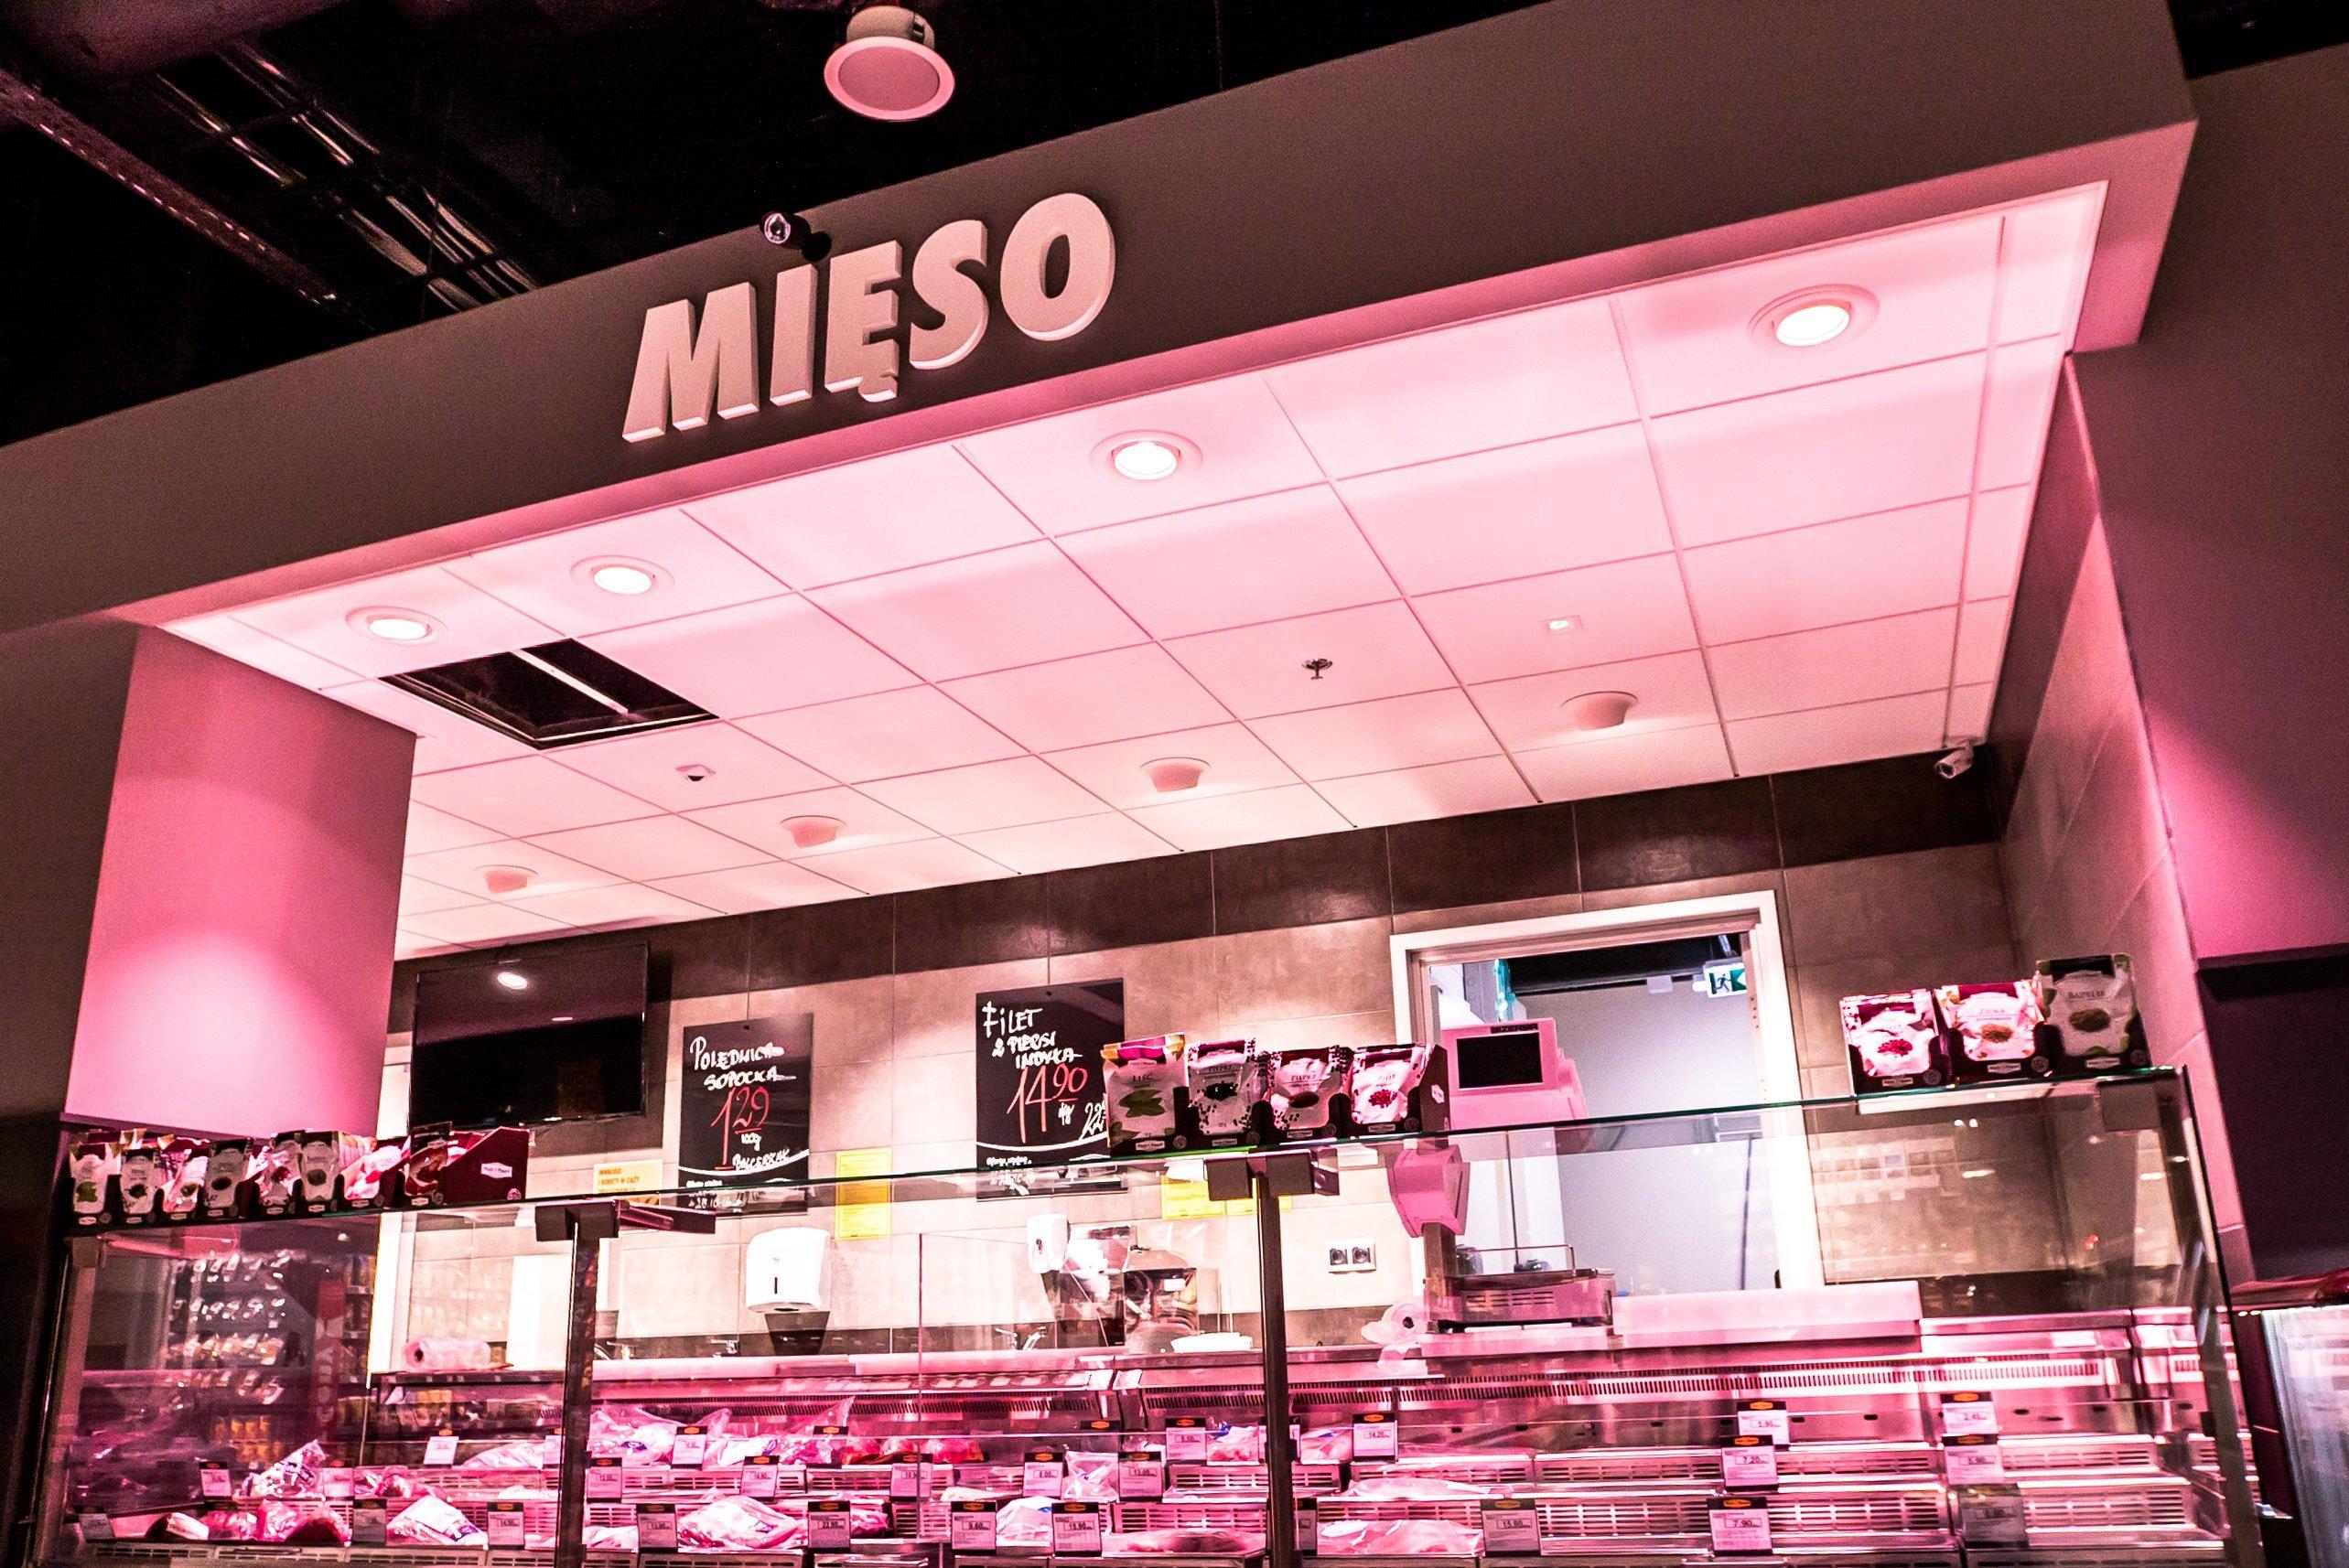 Piotr i Paweł zaprezentował odnowiony koncept supermarketu (zdjęcia i video)